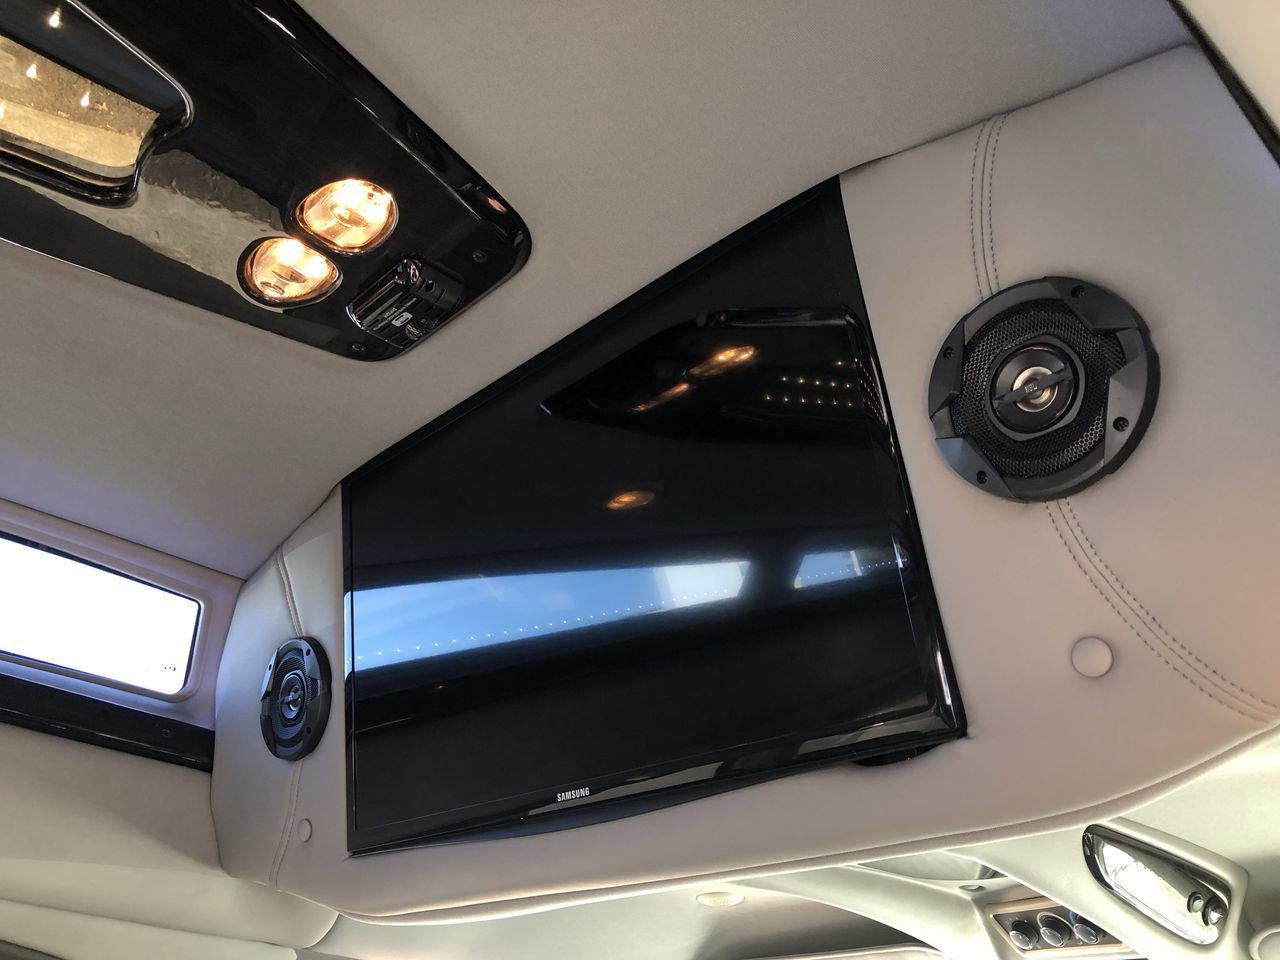 New 2019 Chevrolet Express Cargo Van RWD 2500 135